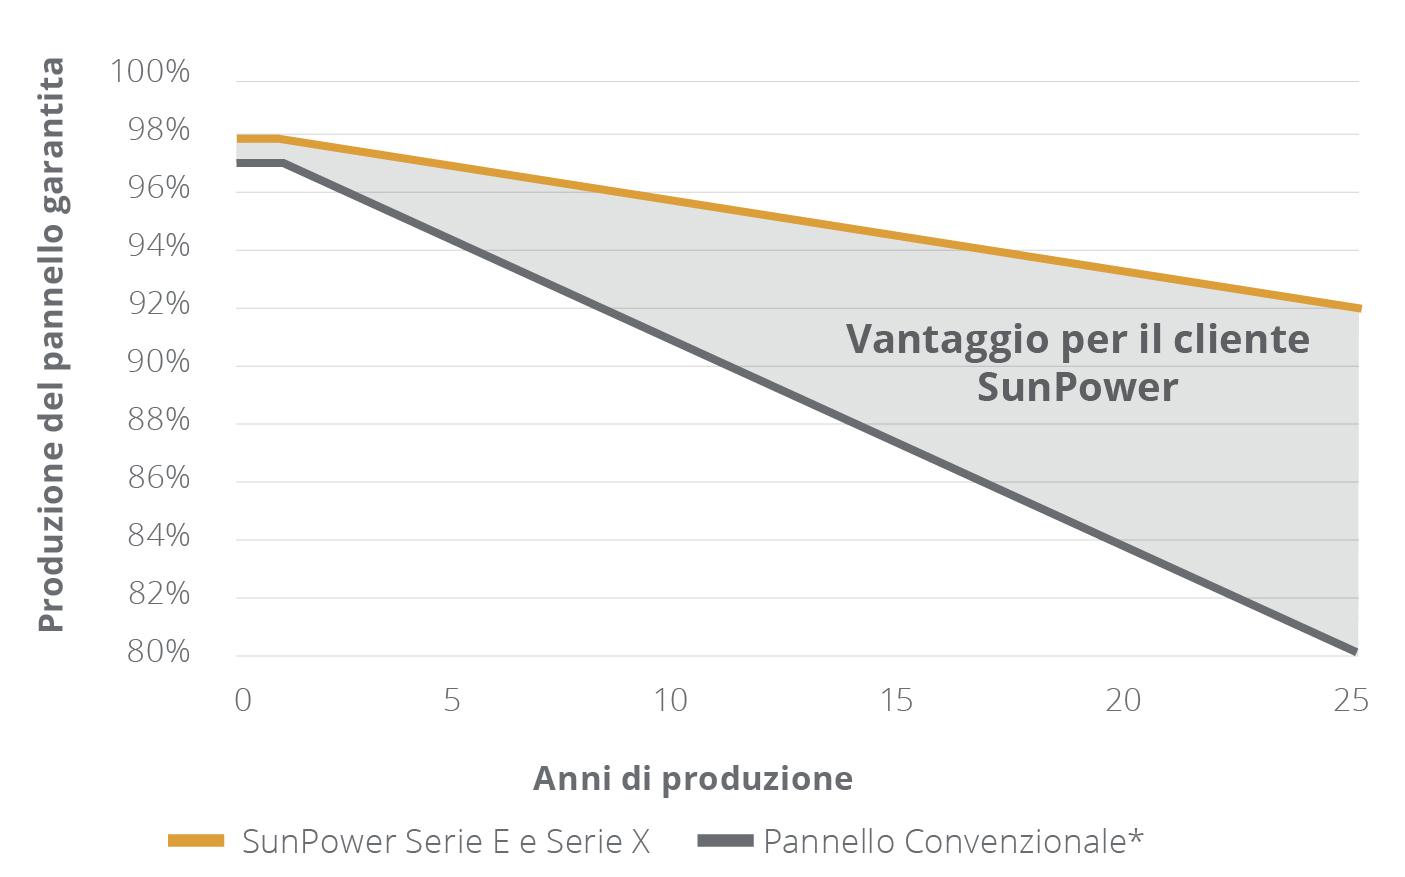 vantaggio per il cliene SunPower